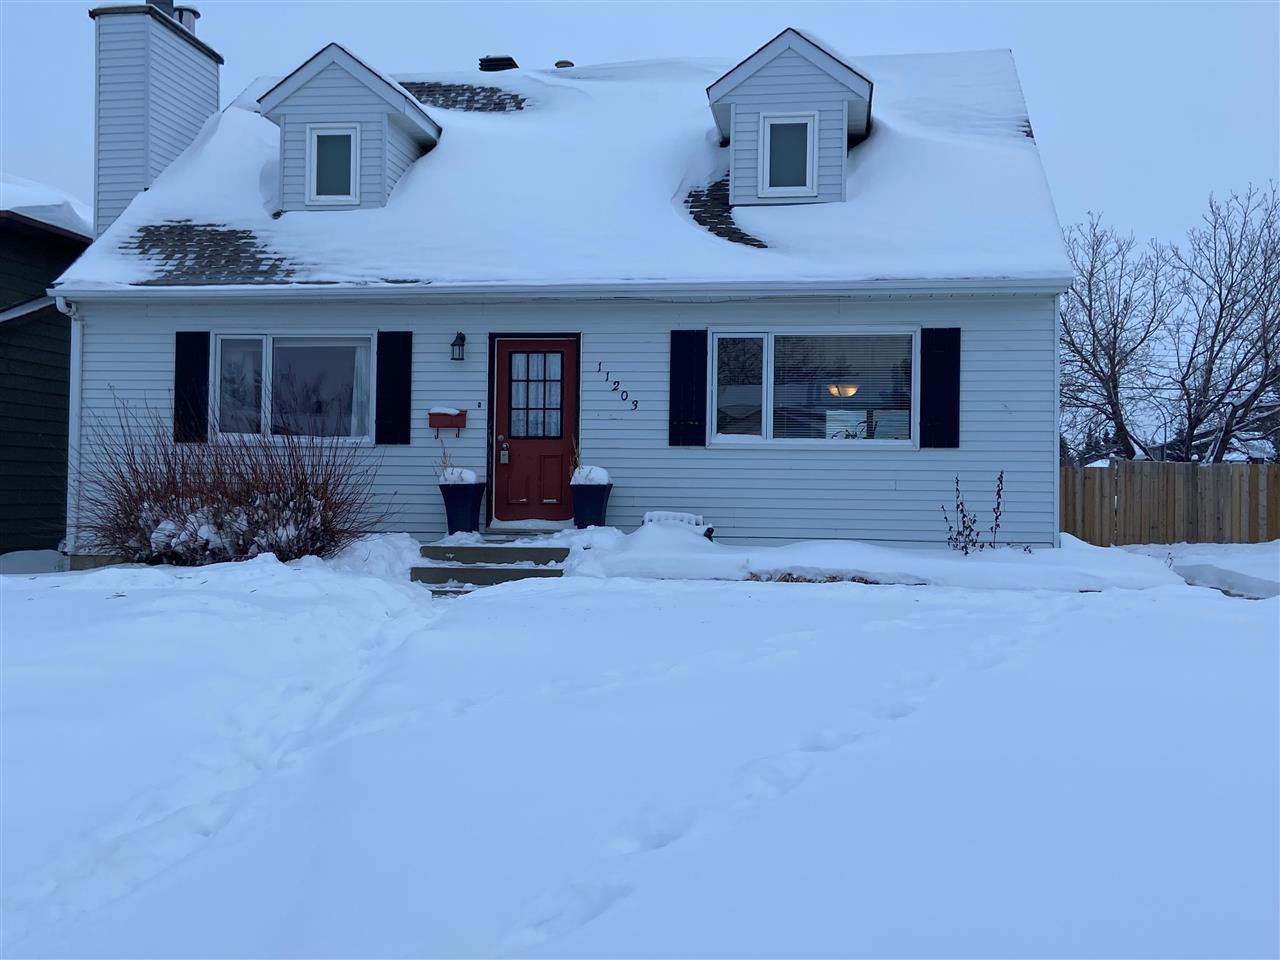 Main Photo: 11203 102 Street in Fort St. John: Fort St. John - City NW House for sale (Fort St. John (Zone 60))  : MLS®# R2501772